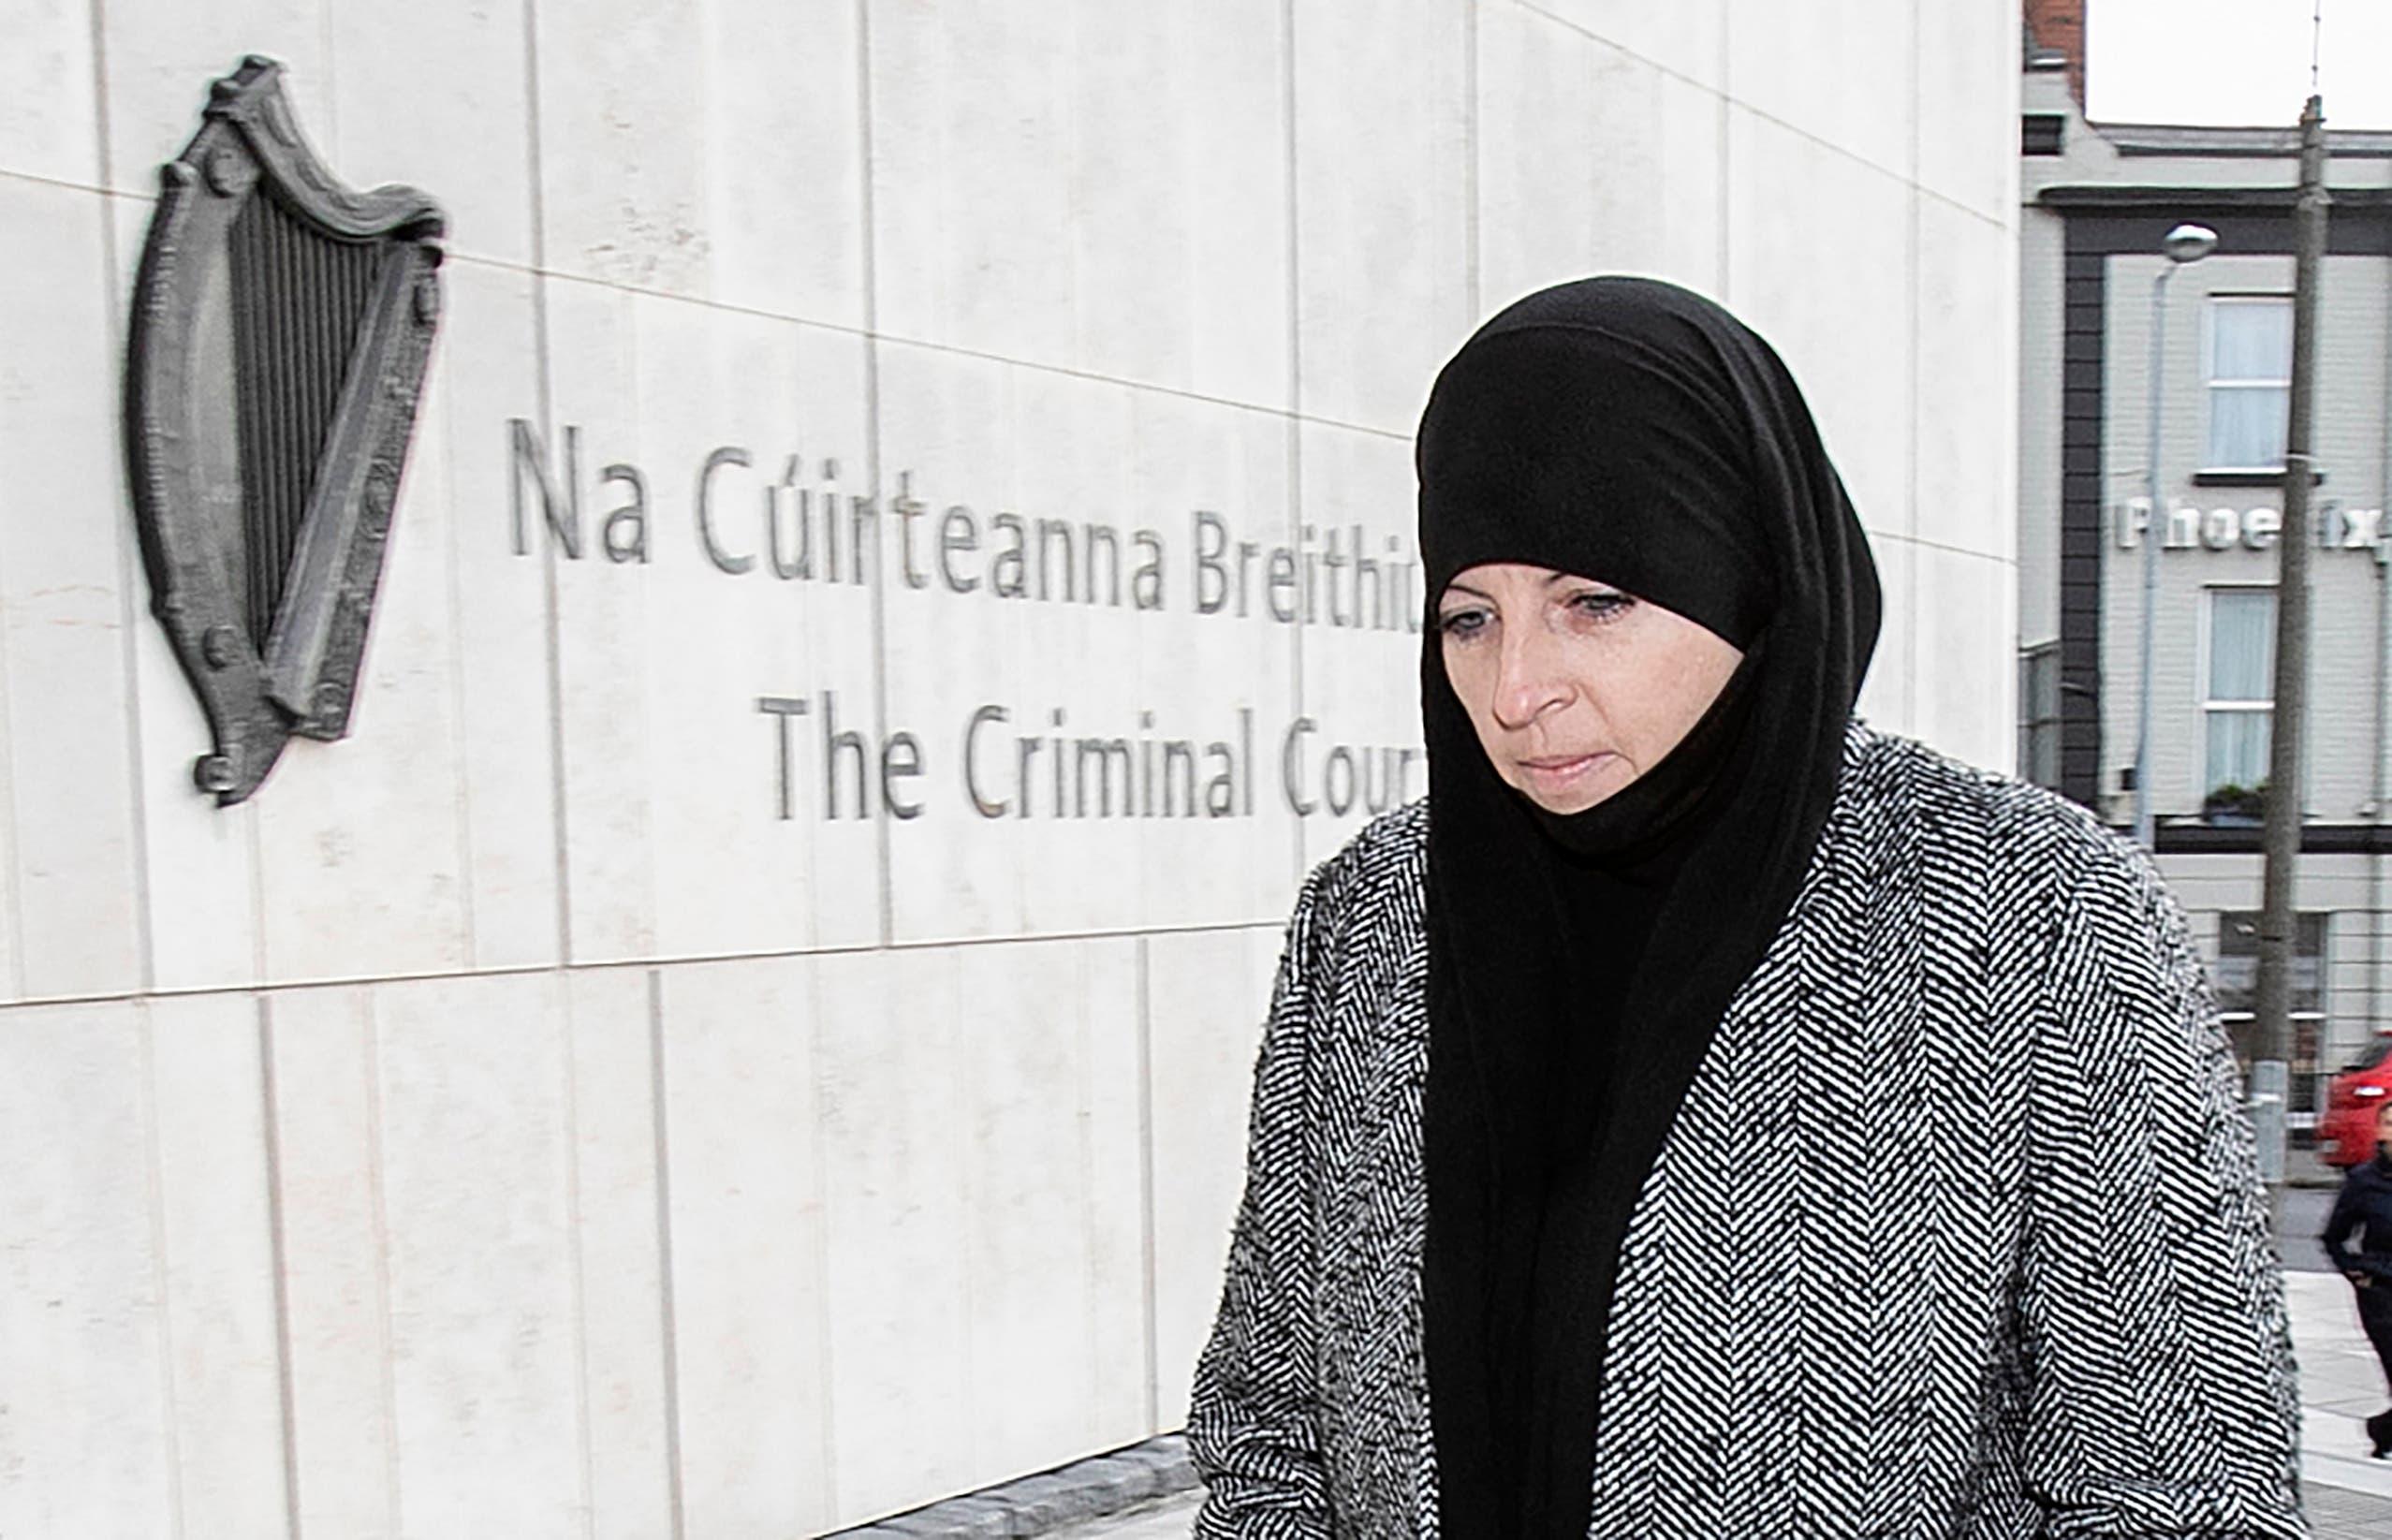 ليزا سميث إلى المحكمة الجنائية المركزية في دبلن يوم 8 يناير 2020 (فرانس برس)